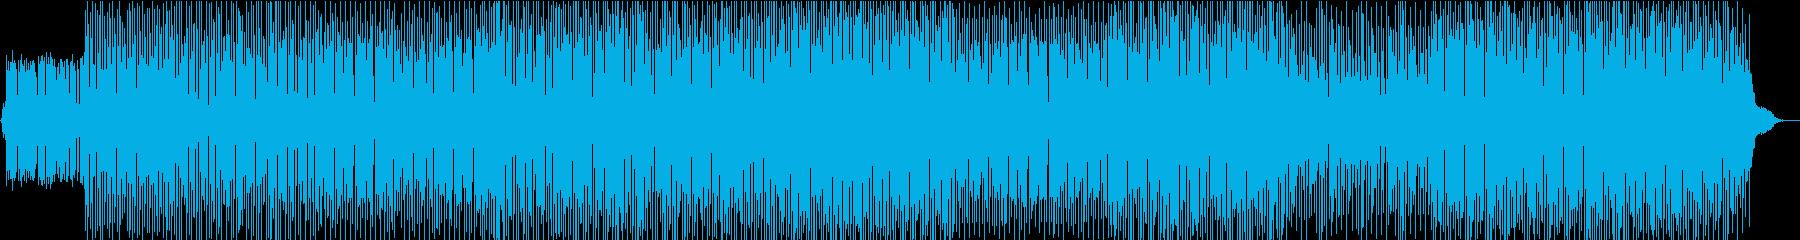 軽快なディープハウス、エモーショナルの再生済みの波形